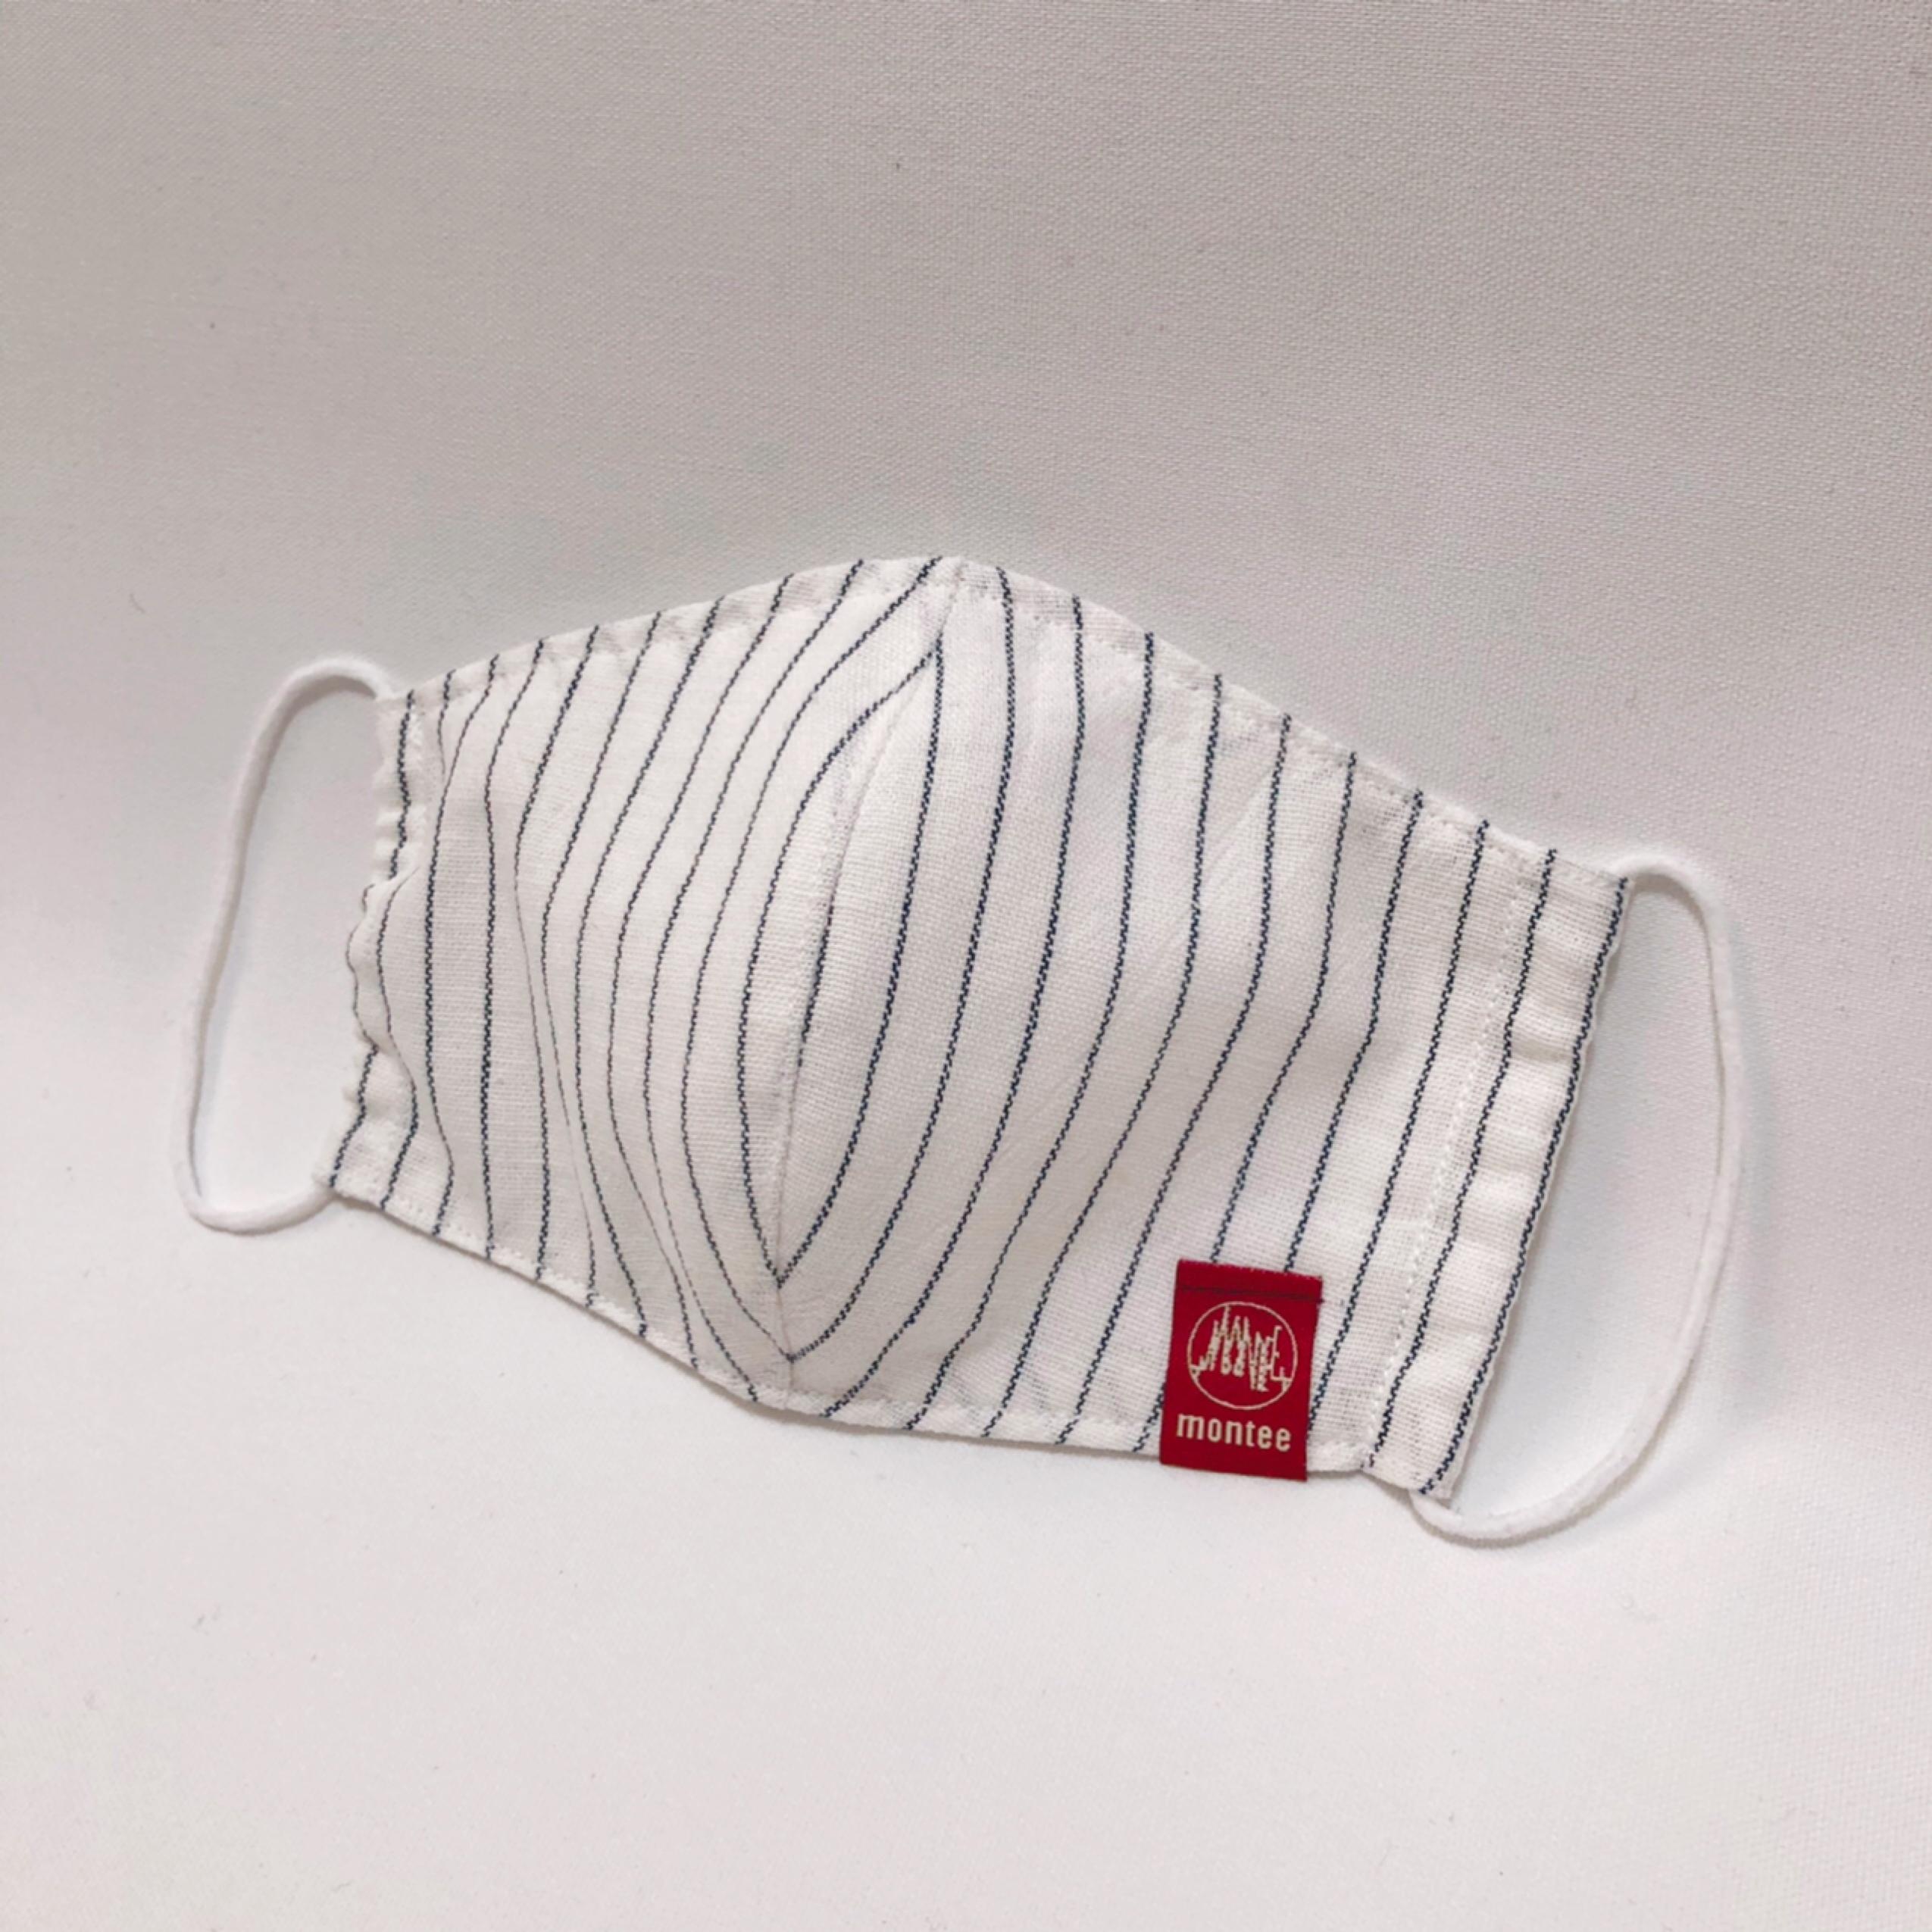 montee Stripe mask